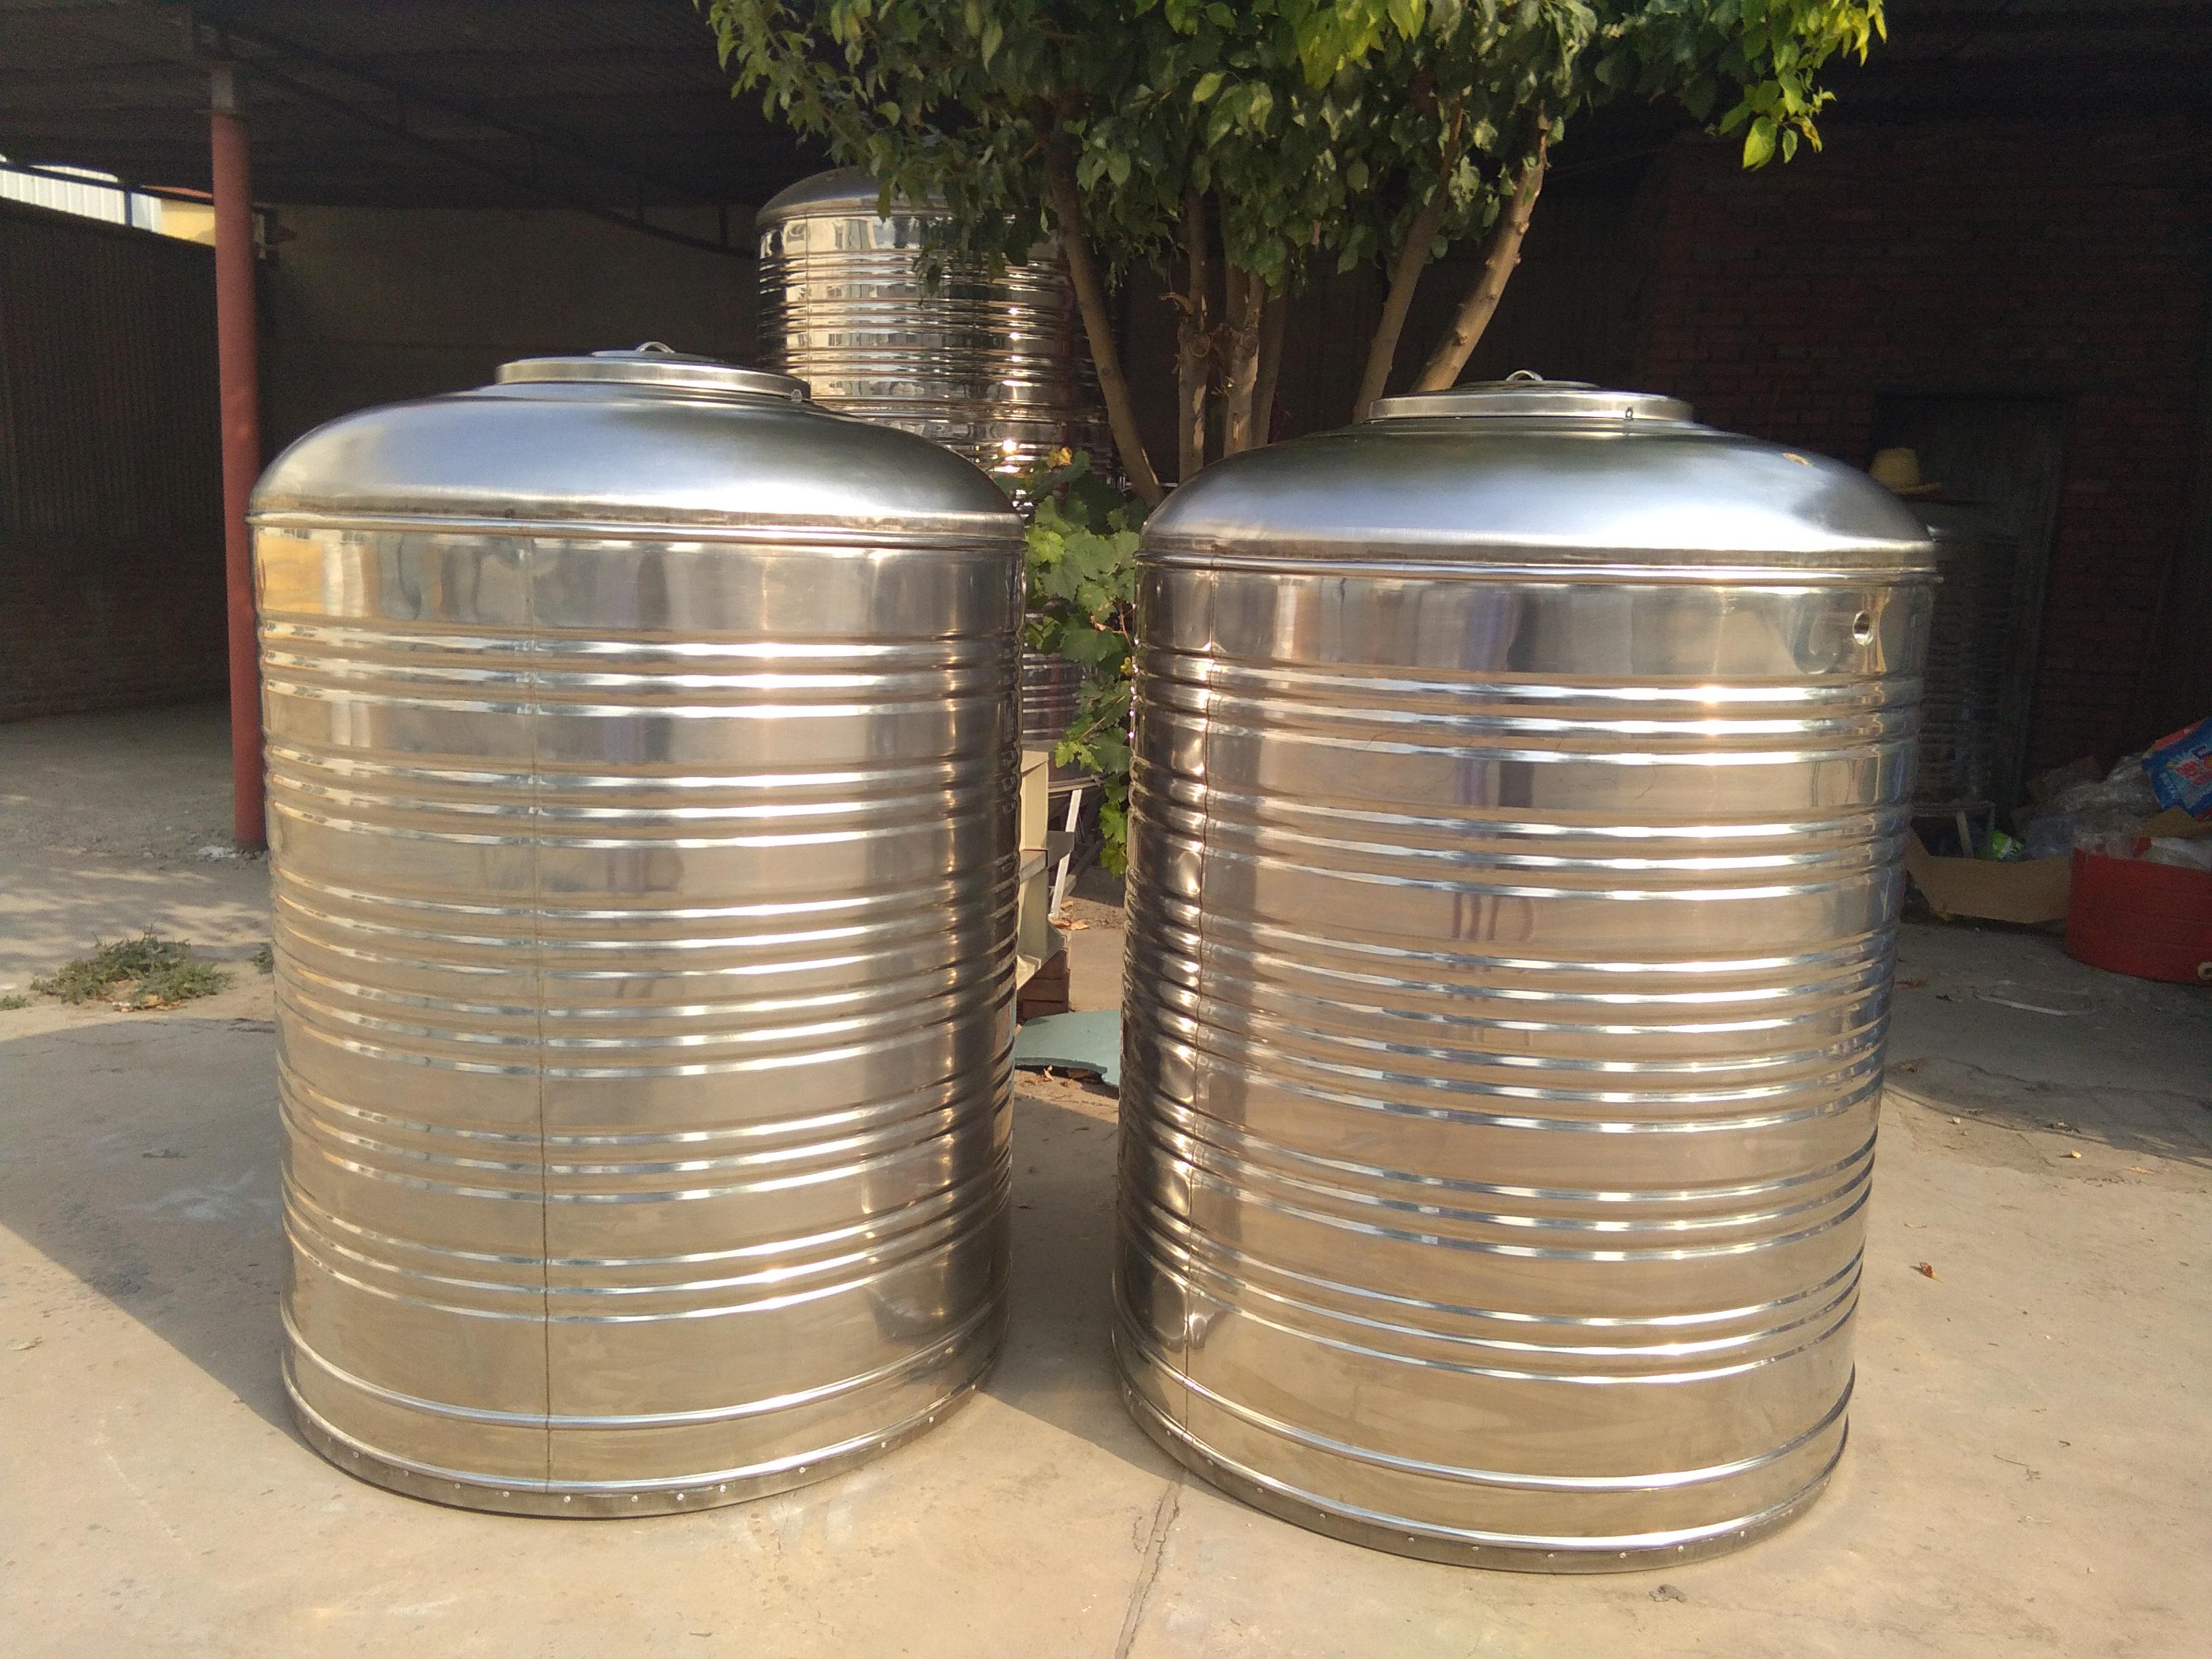 哪有卖 房山区良乡保温水箱不锈钢材质厂家送货1吨直径1020 总高1450